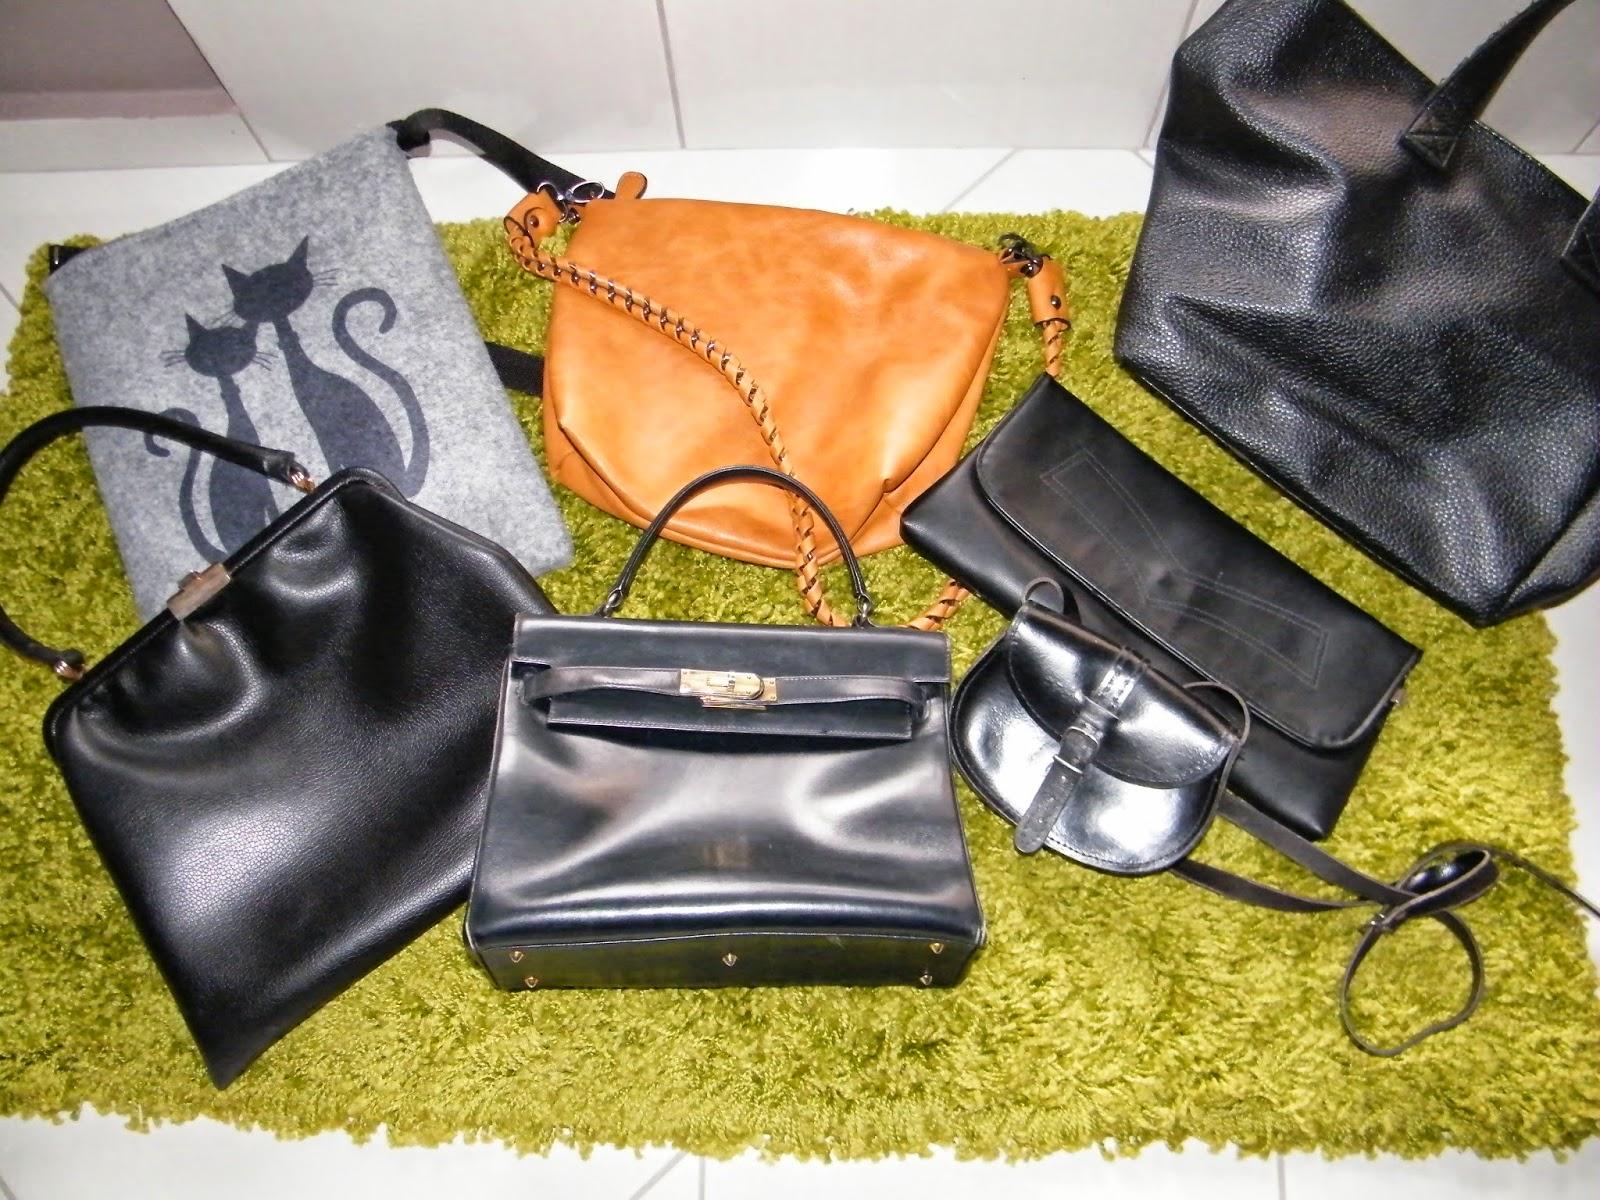 ddc59725b82e6 Moje torebki.. - Czerwona Sukienka - Blogi Modowe